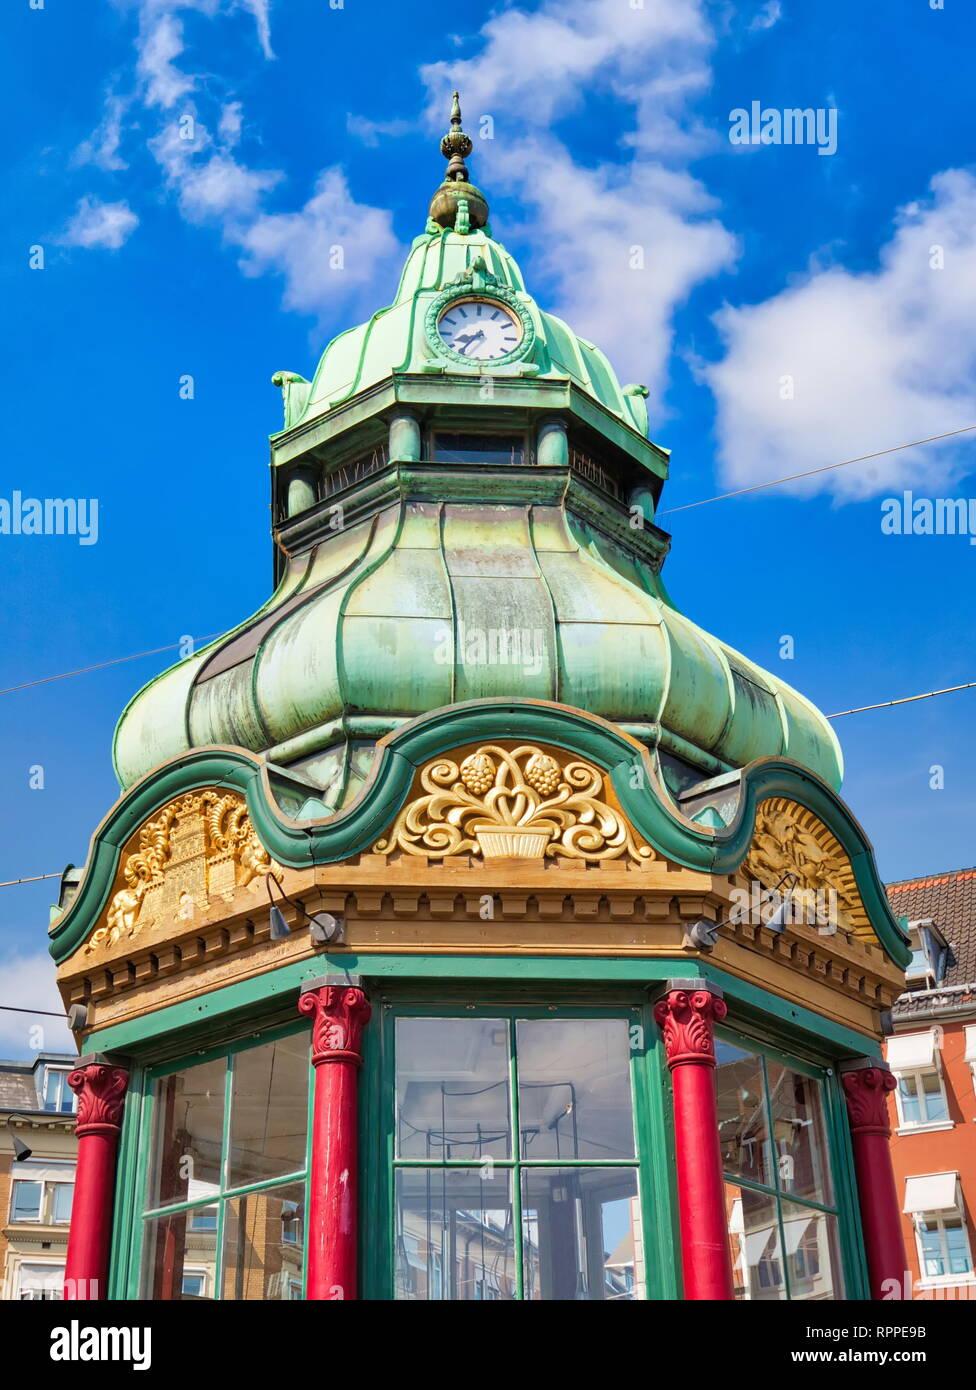 Copenhagen, Kongens Nytorv central city square - Stock Image